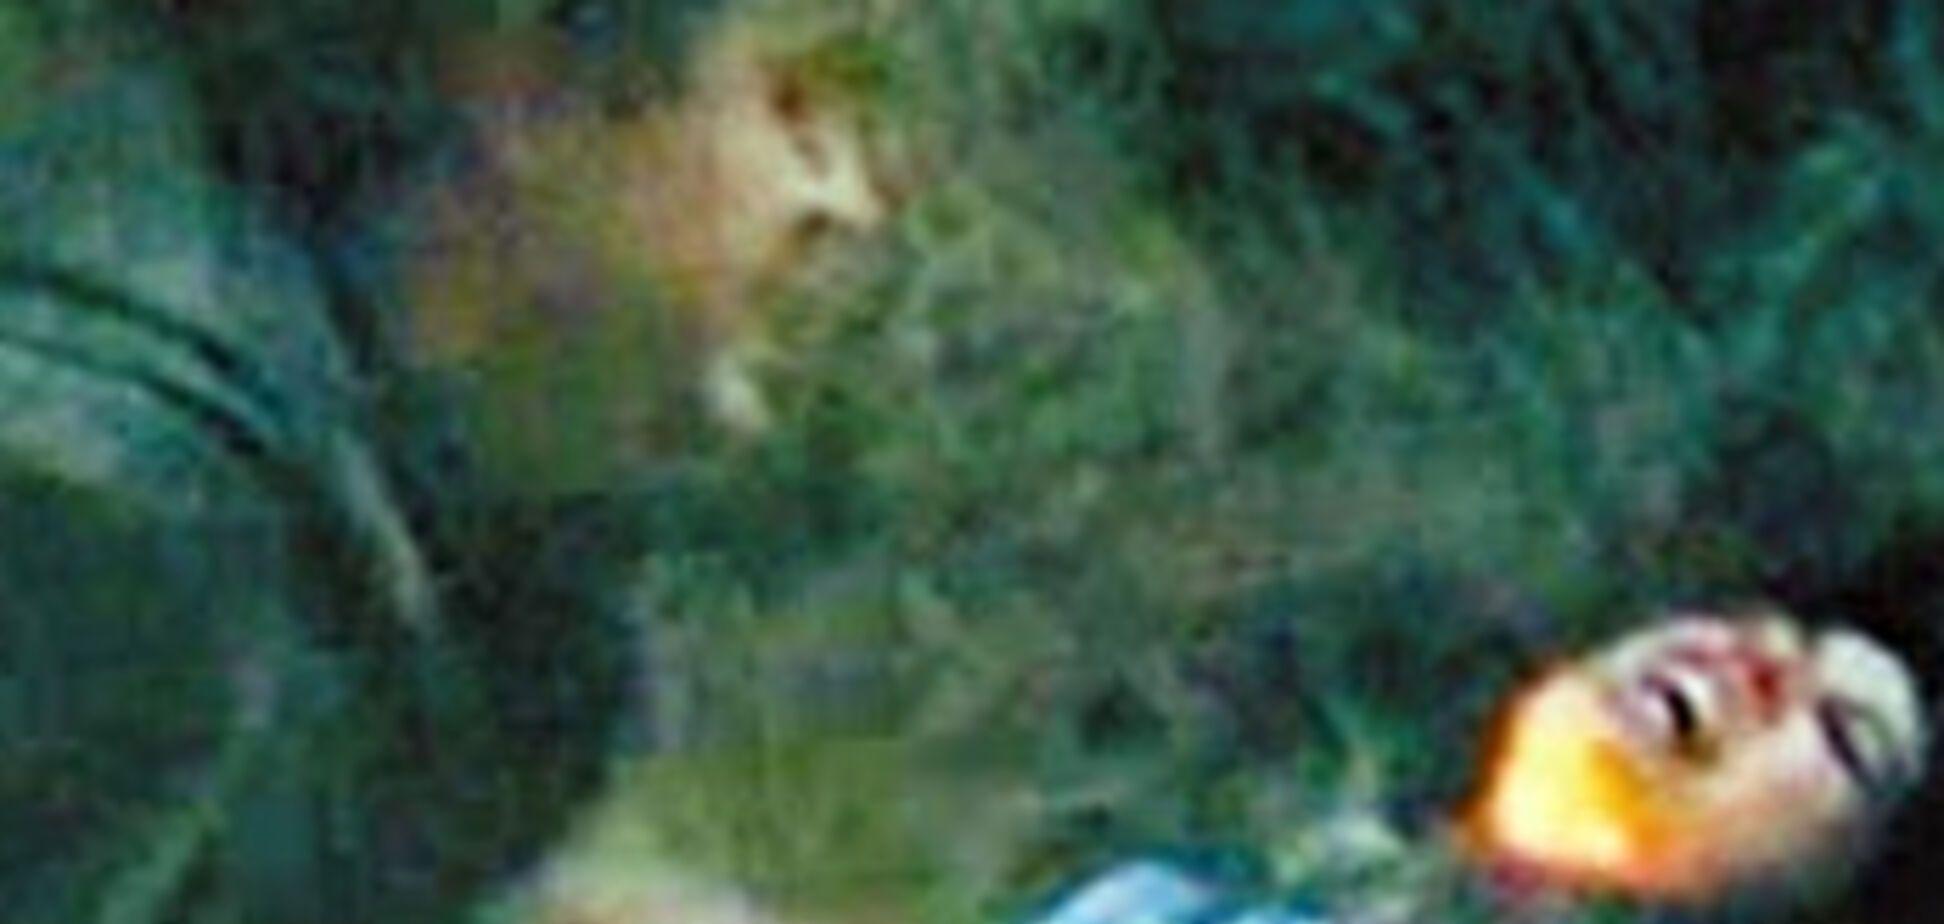 Згвалтування Анастасії Заворотнюк на сіннику. Відеозвіт